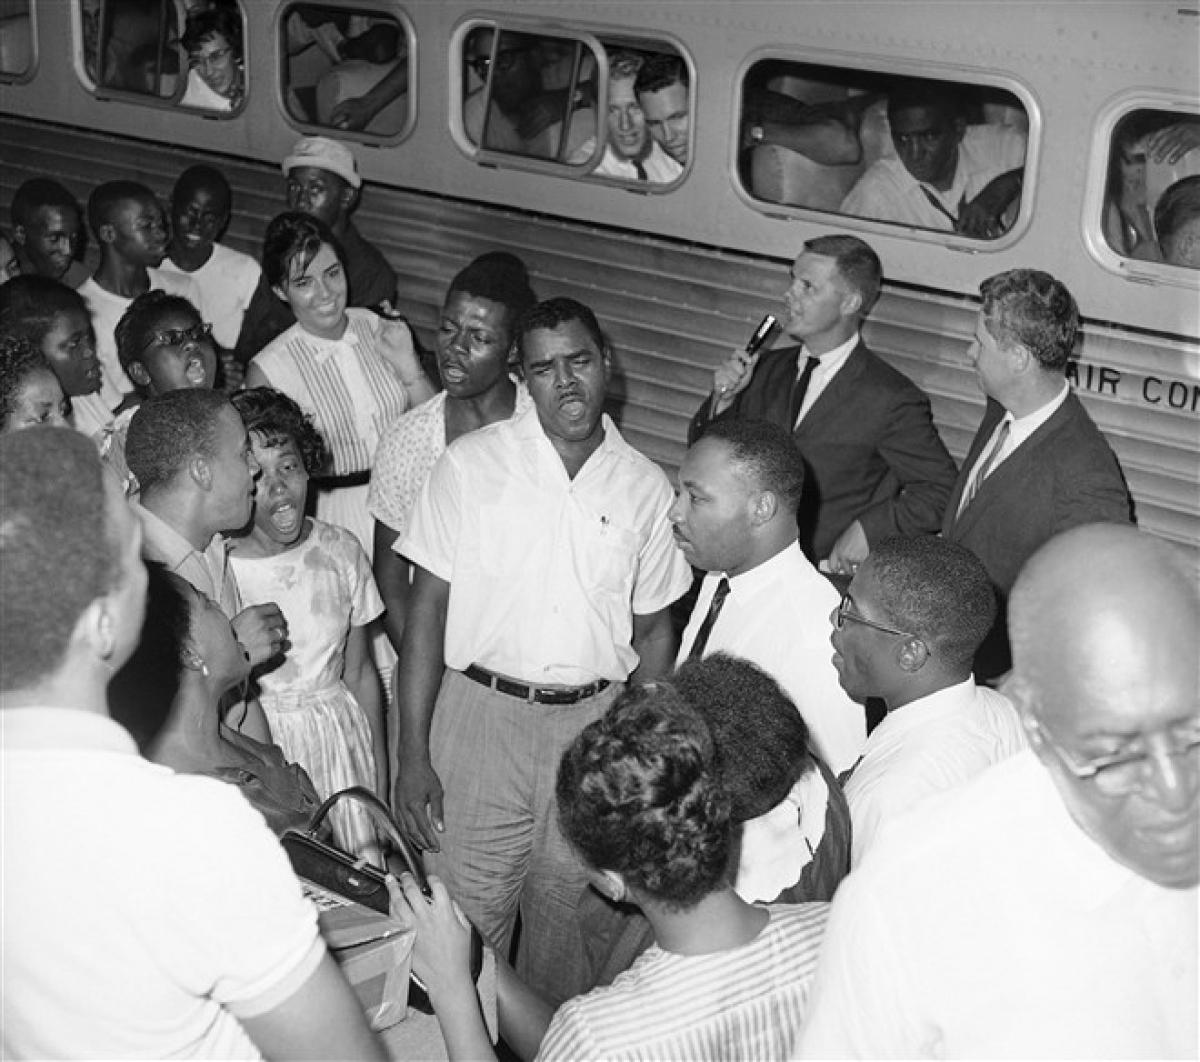 Mục sư King hát từ biệt sau khi mãn hạn tù ở Albany, Georgia vào ngày 31/8/1962. Ông King nằm trong số 75 người, phần lớn là mục sư, bị bắt vì tổ chức lễ cầu nguyện trước Tòa thị chính để phản đối phân biệt chủng tộc. Ảnh: AP